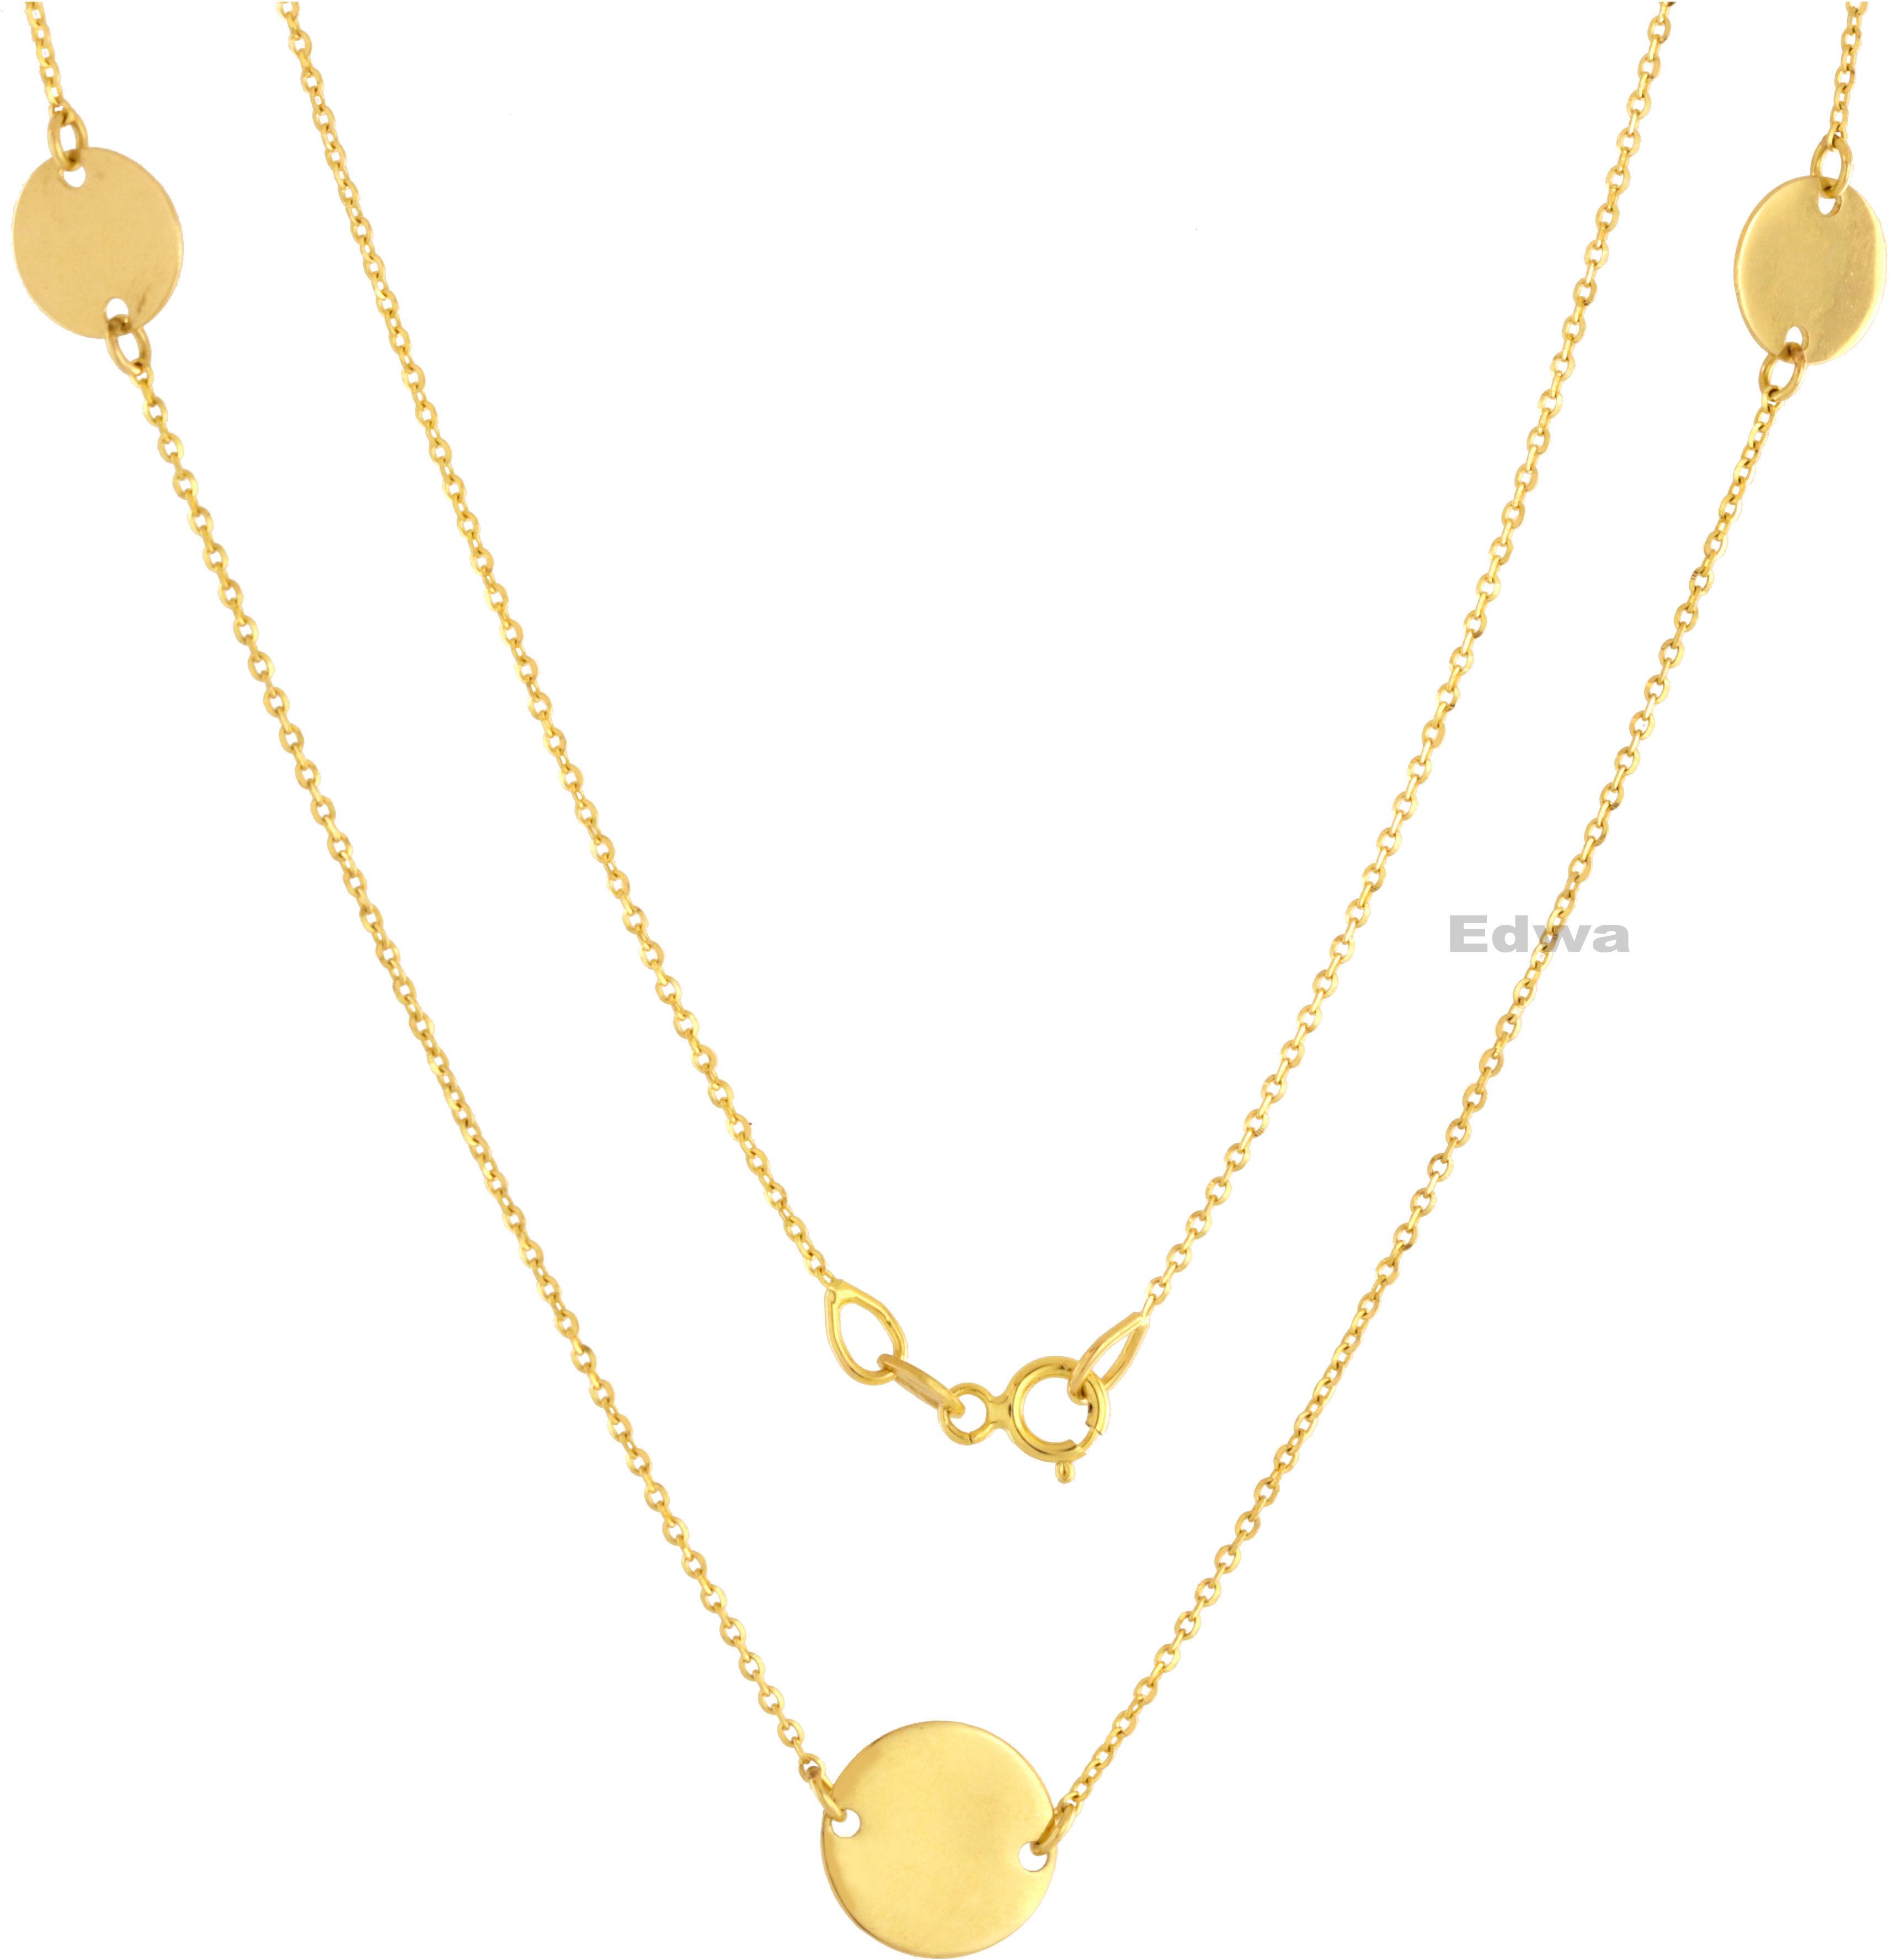 Łańcuszek złoty celebrytka z zawieszkami pr.585